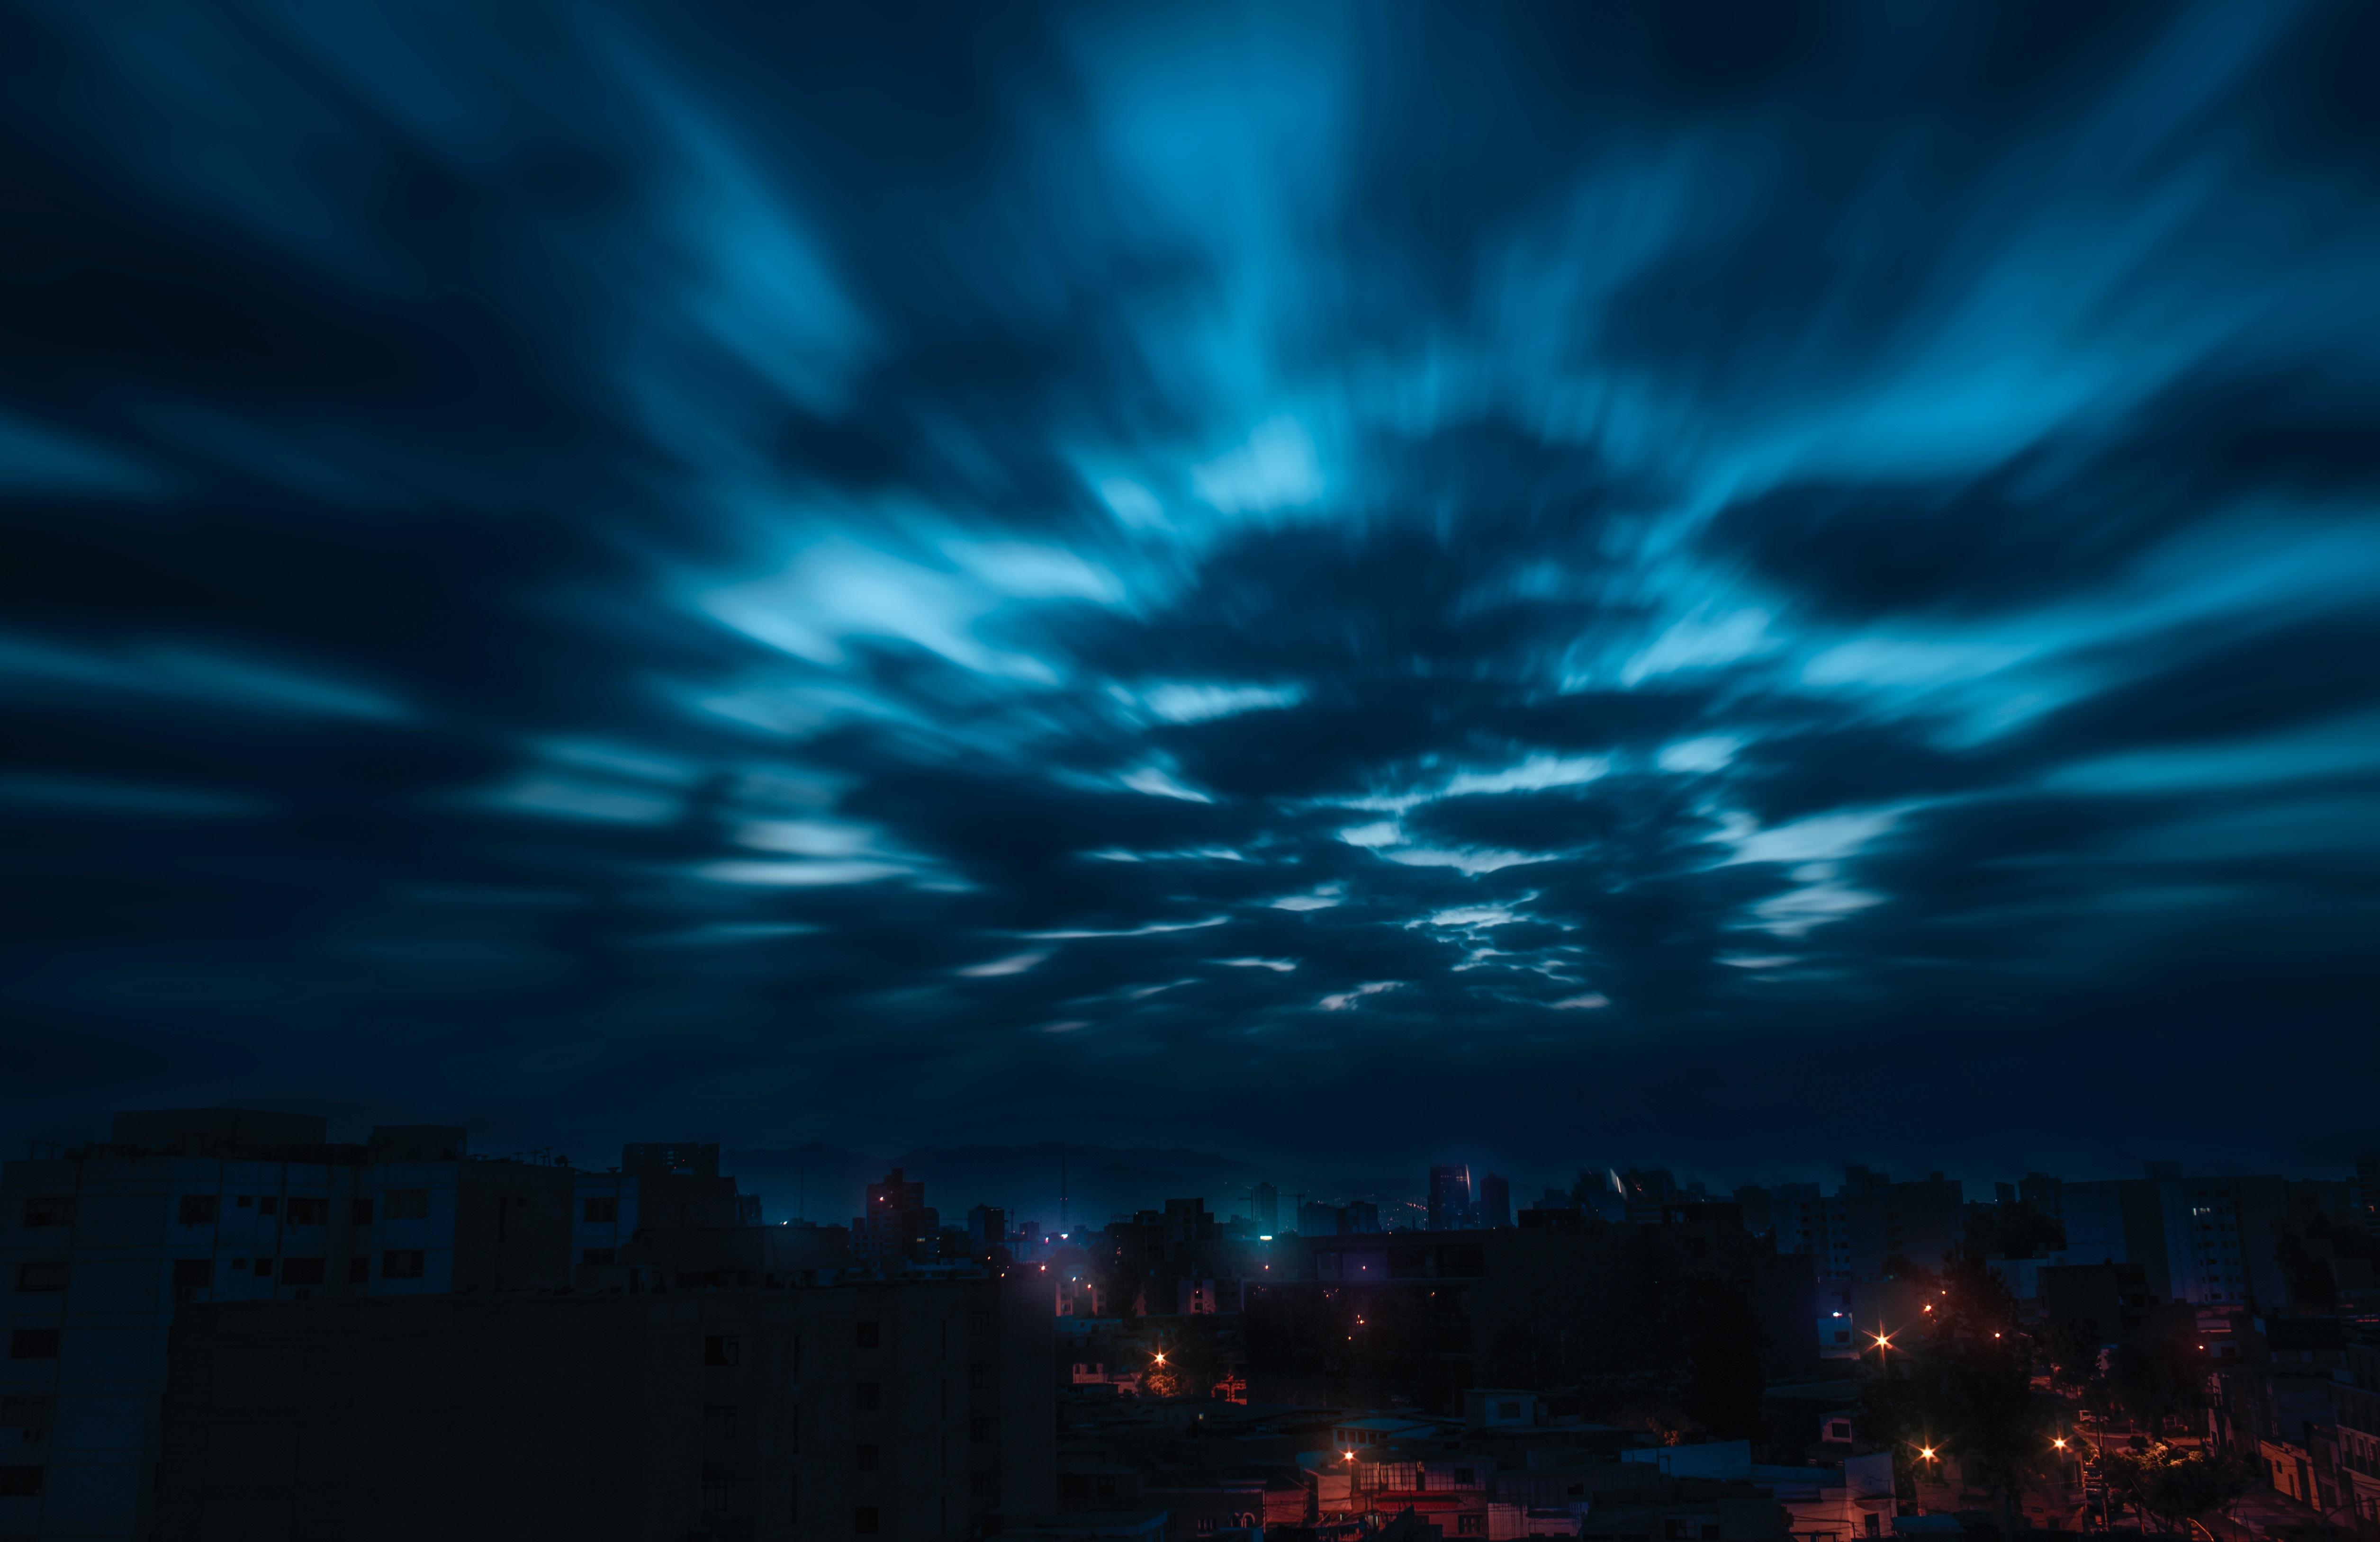 92466 papel de parede 1125x2436 em seu telefone gratuitamente, baixe imagens Natureza, Céu, Noite, Nuvens, Cidade 1125x2436 em seu celular